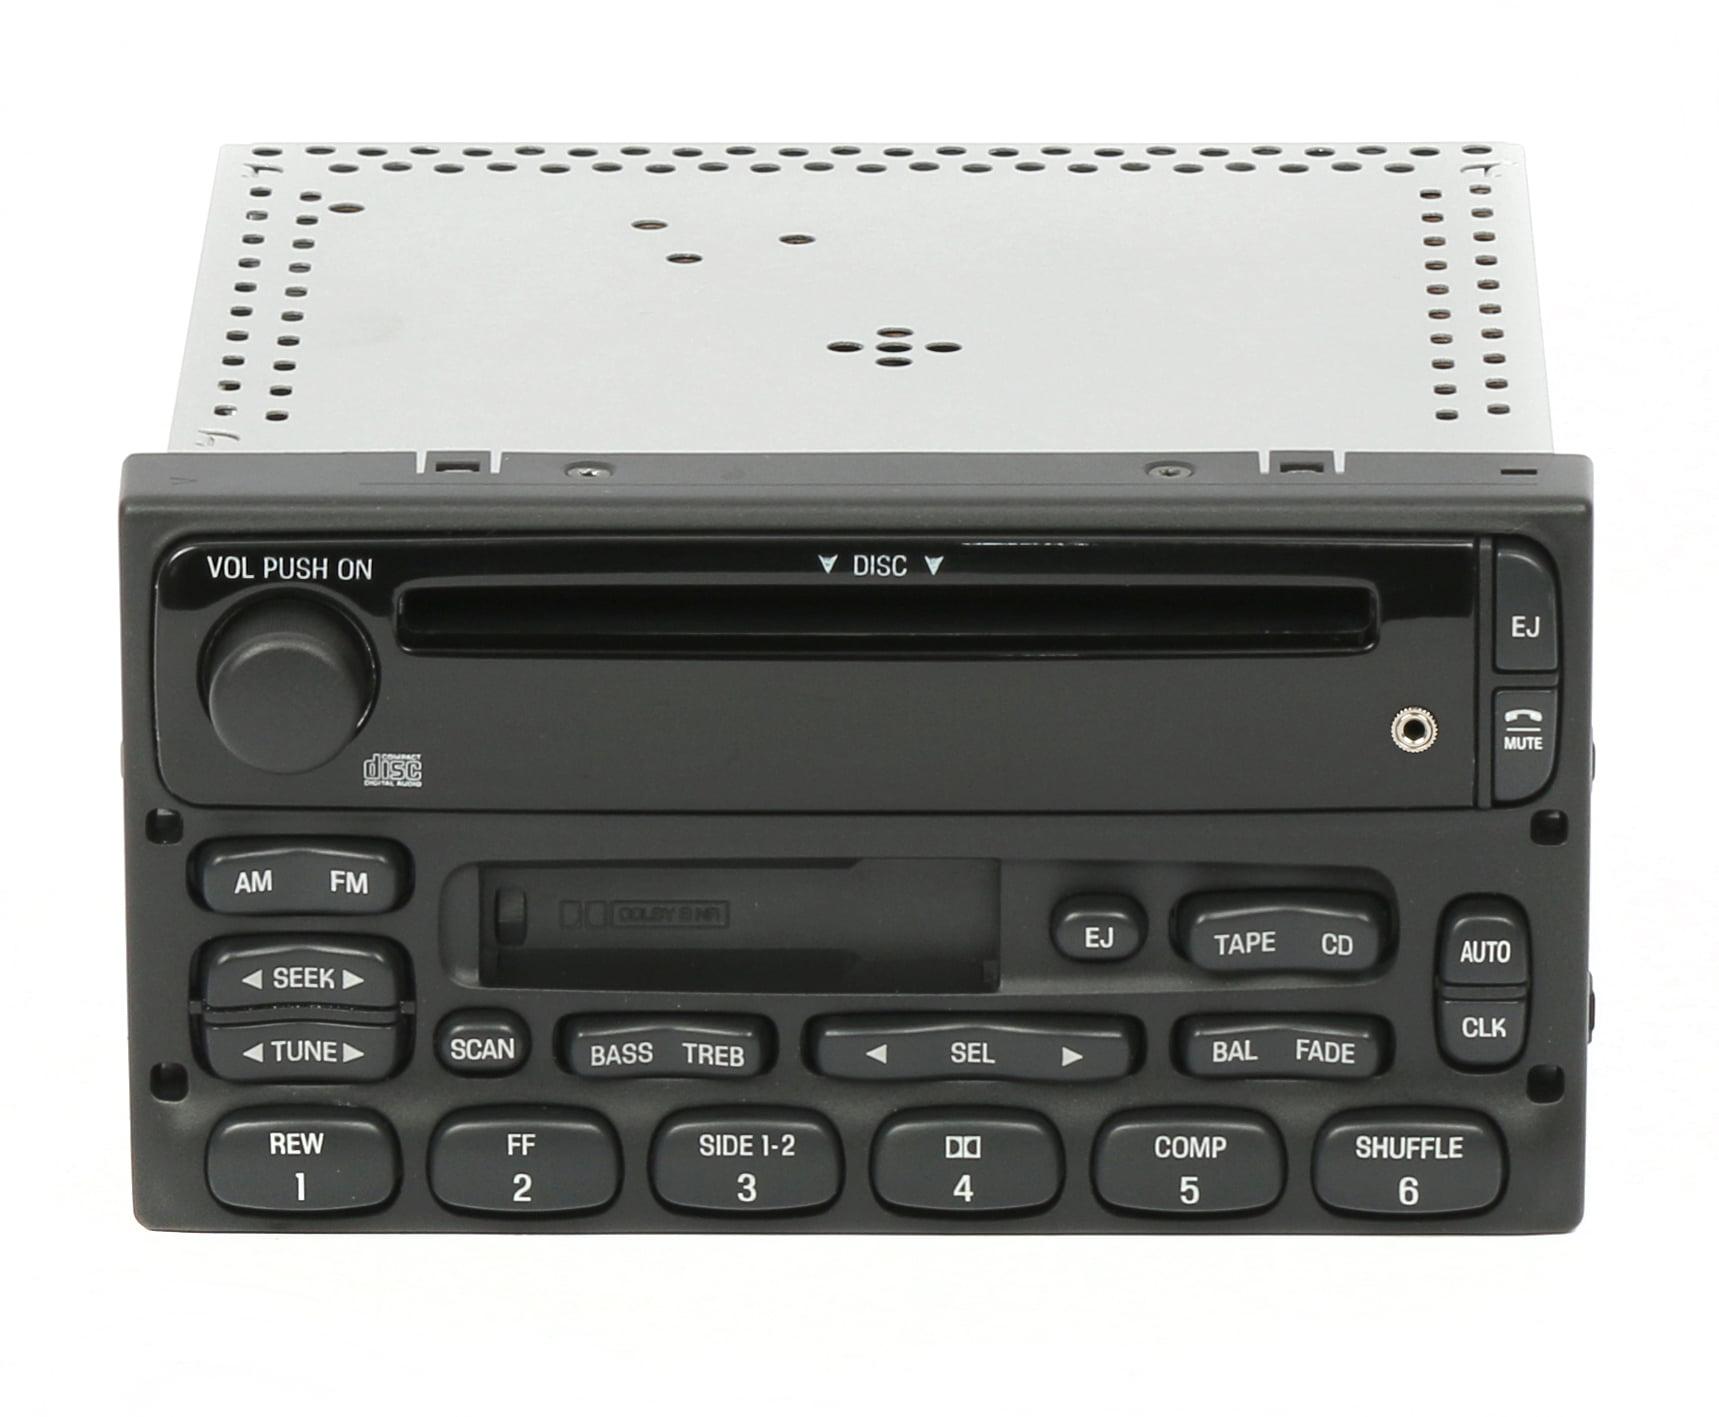 Ford Trucks 1998-2010 AM FM CD Cassette Radio w Auxiliary Input YU3F-18C868- AA - Refurbished - Walmart.com - Walmart.comWalmart.com